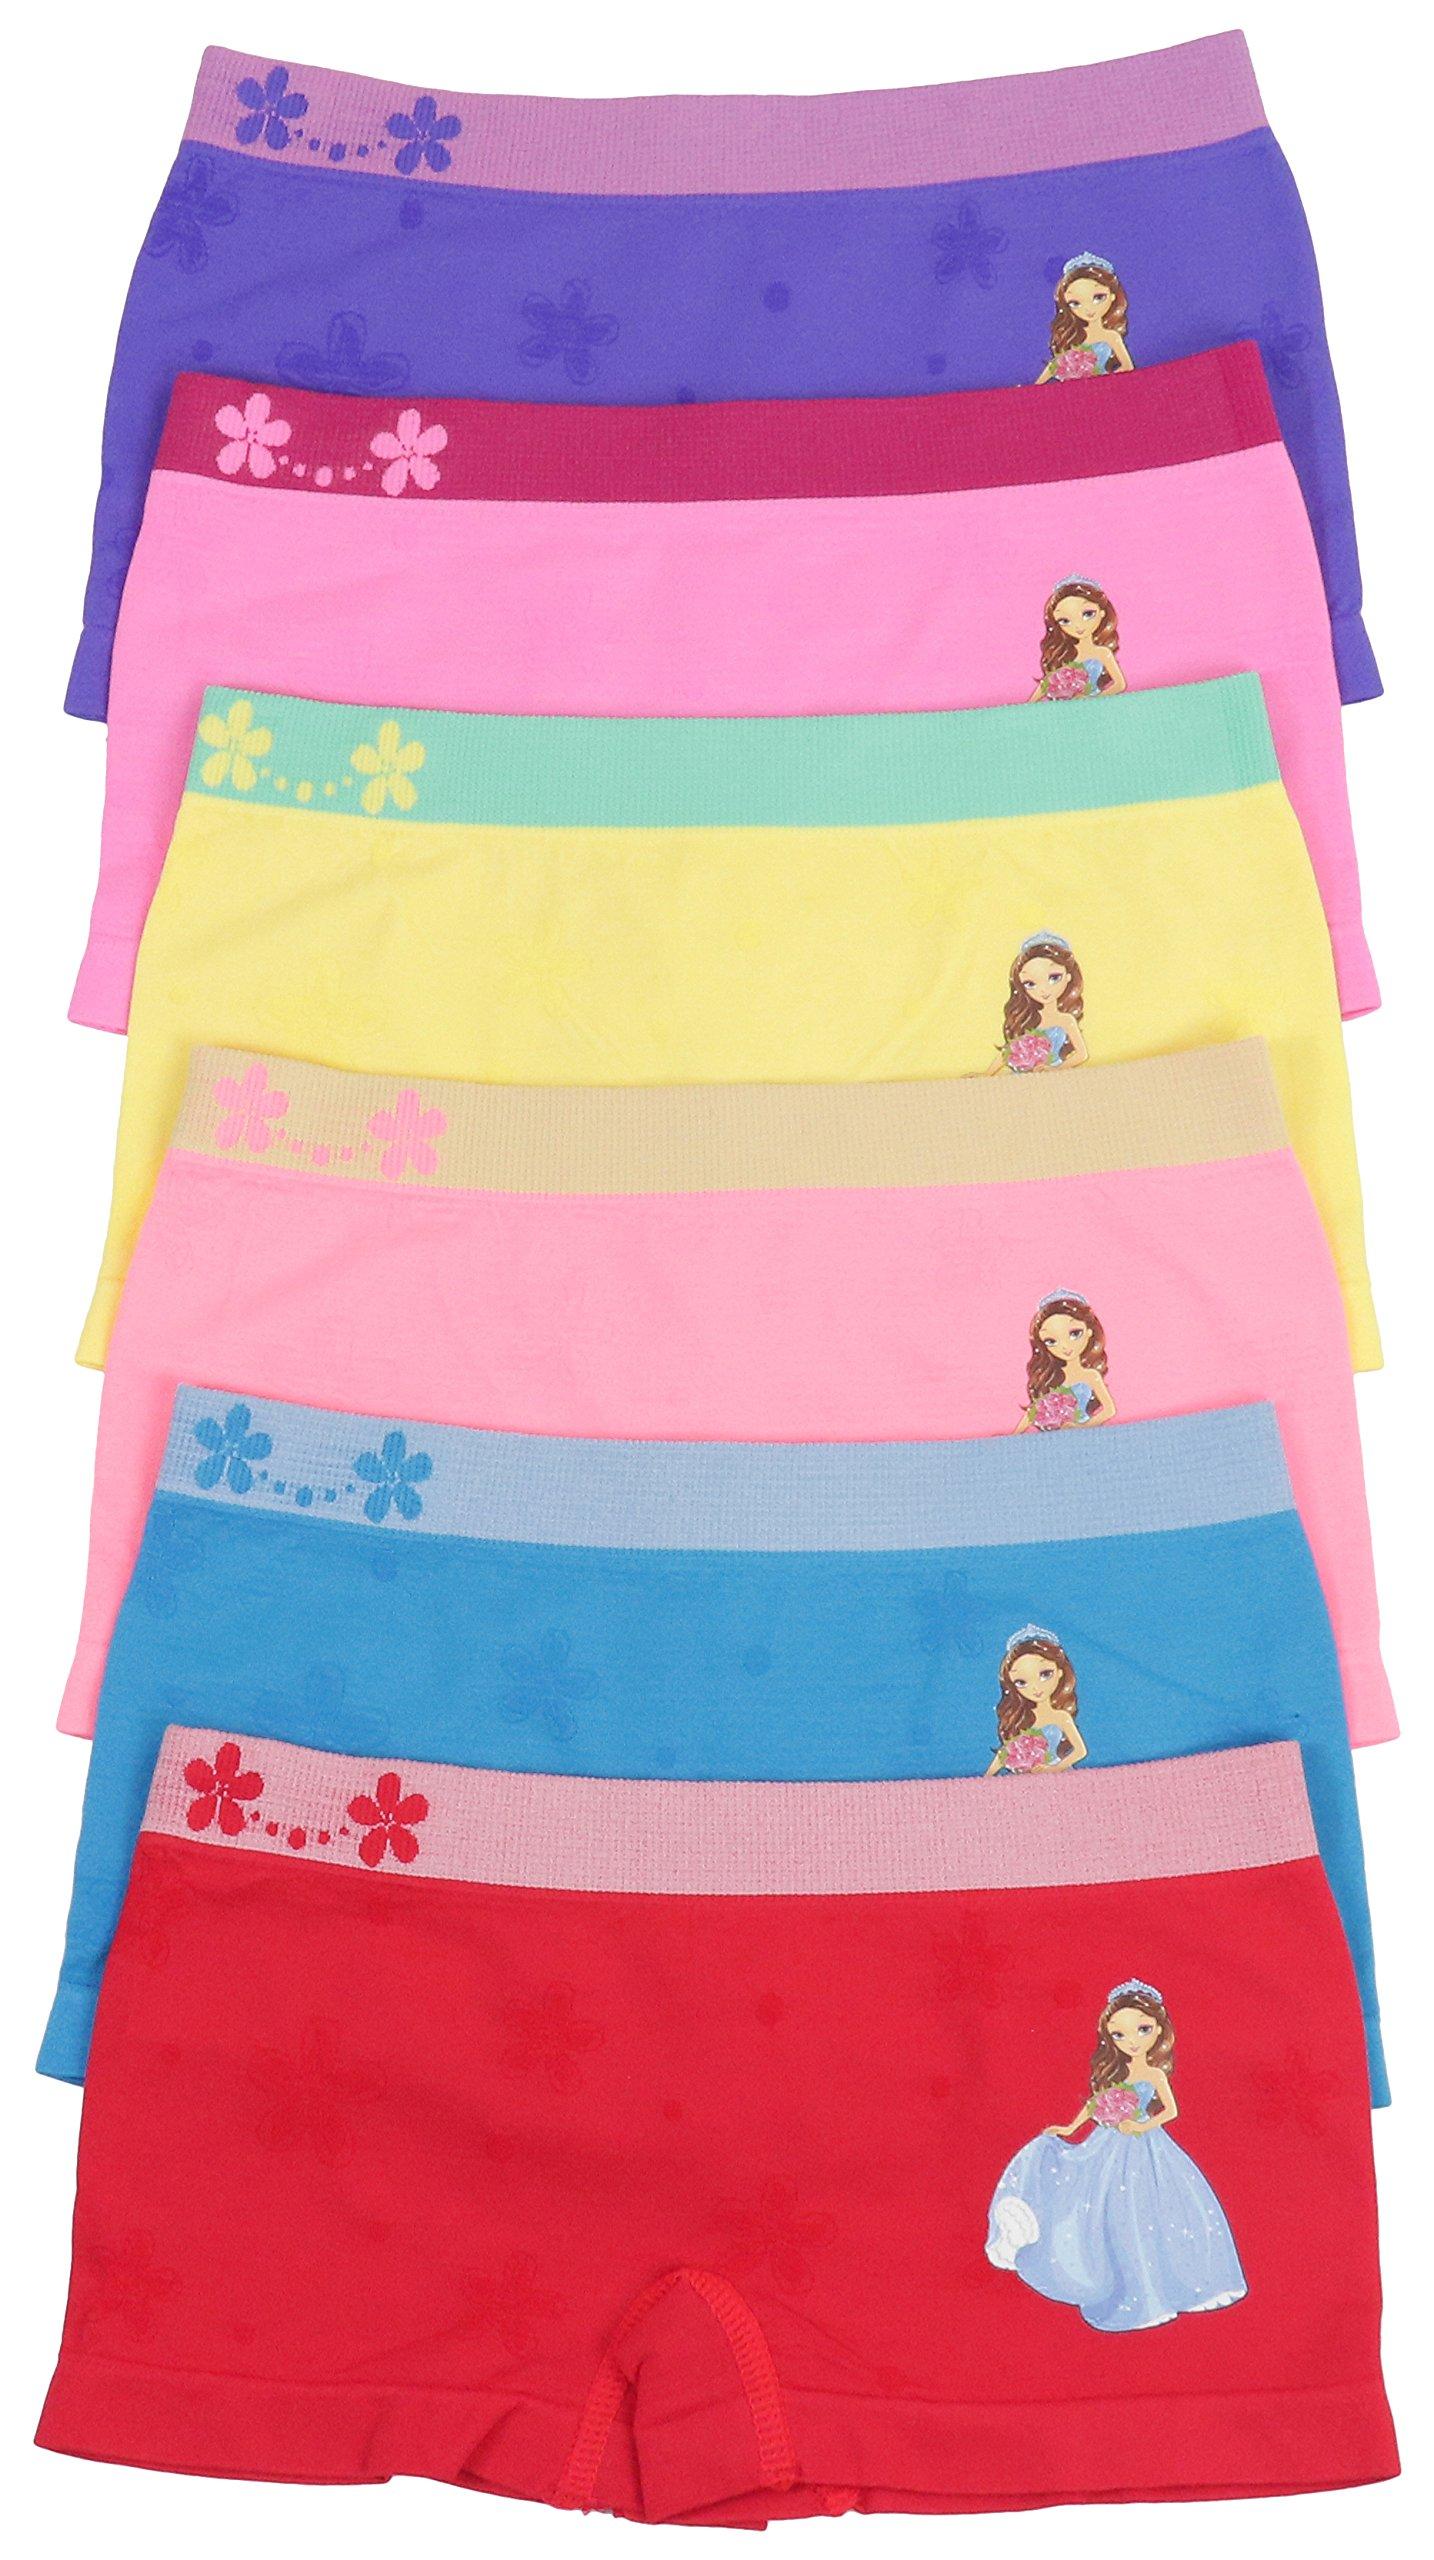 ToBeInStyle Girls' 6 Pack Graphic Design Boyshorts - Bouquet Princess - Medium